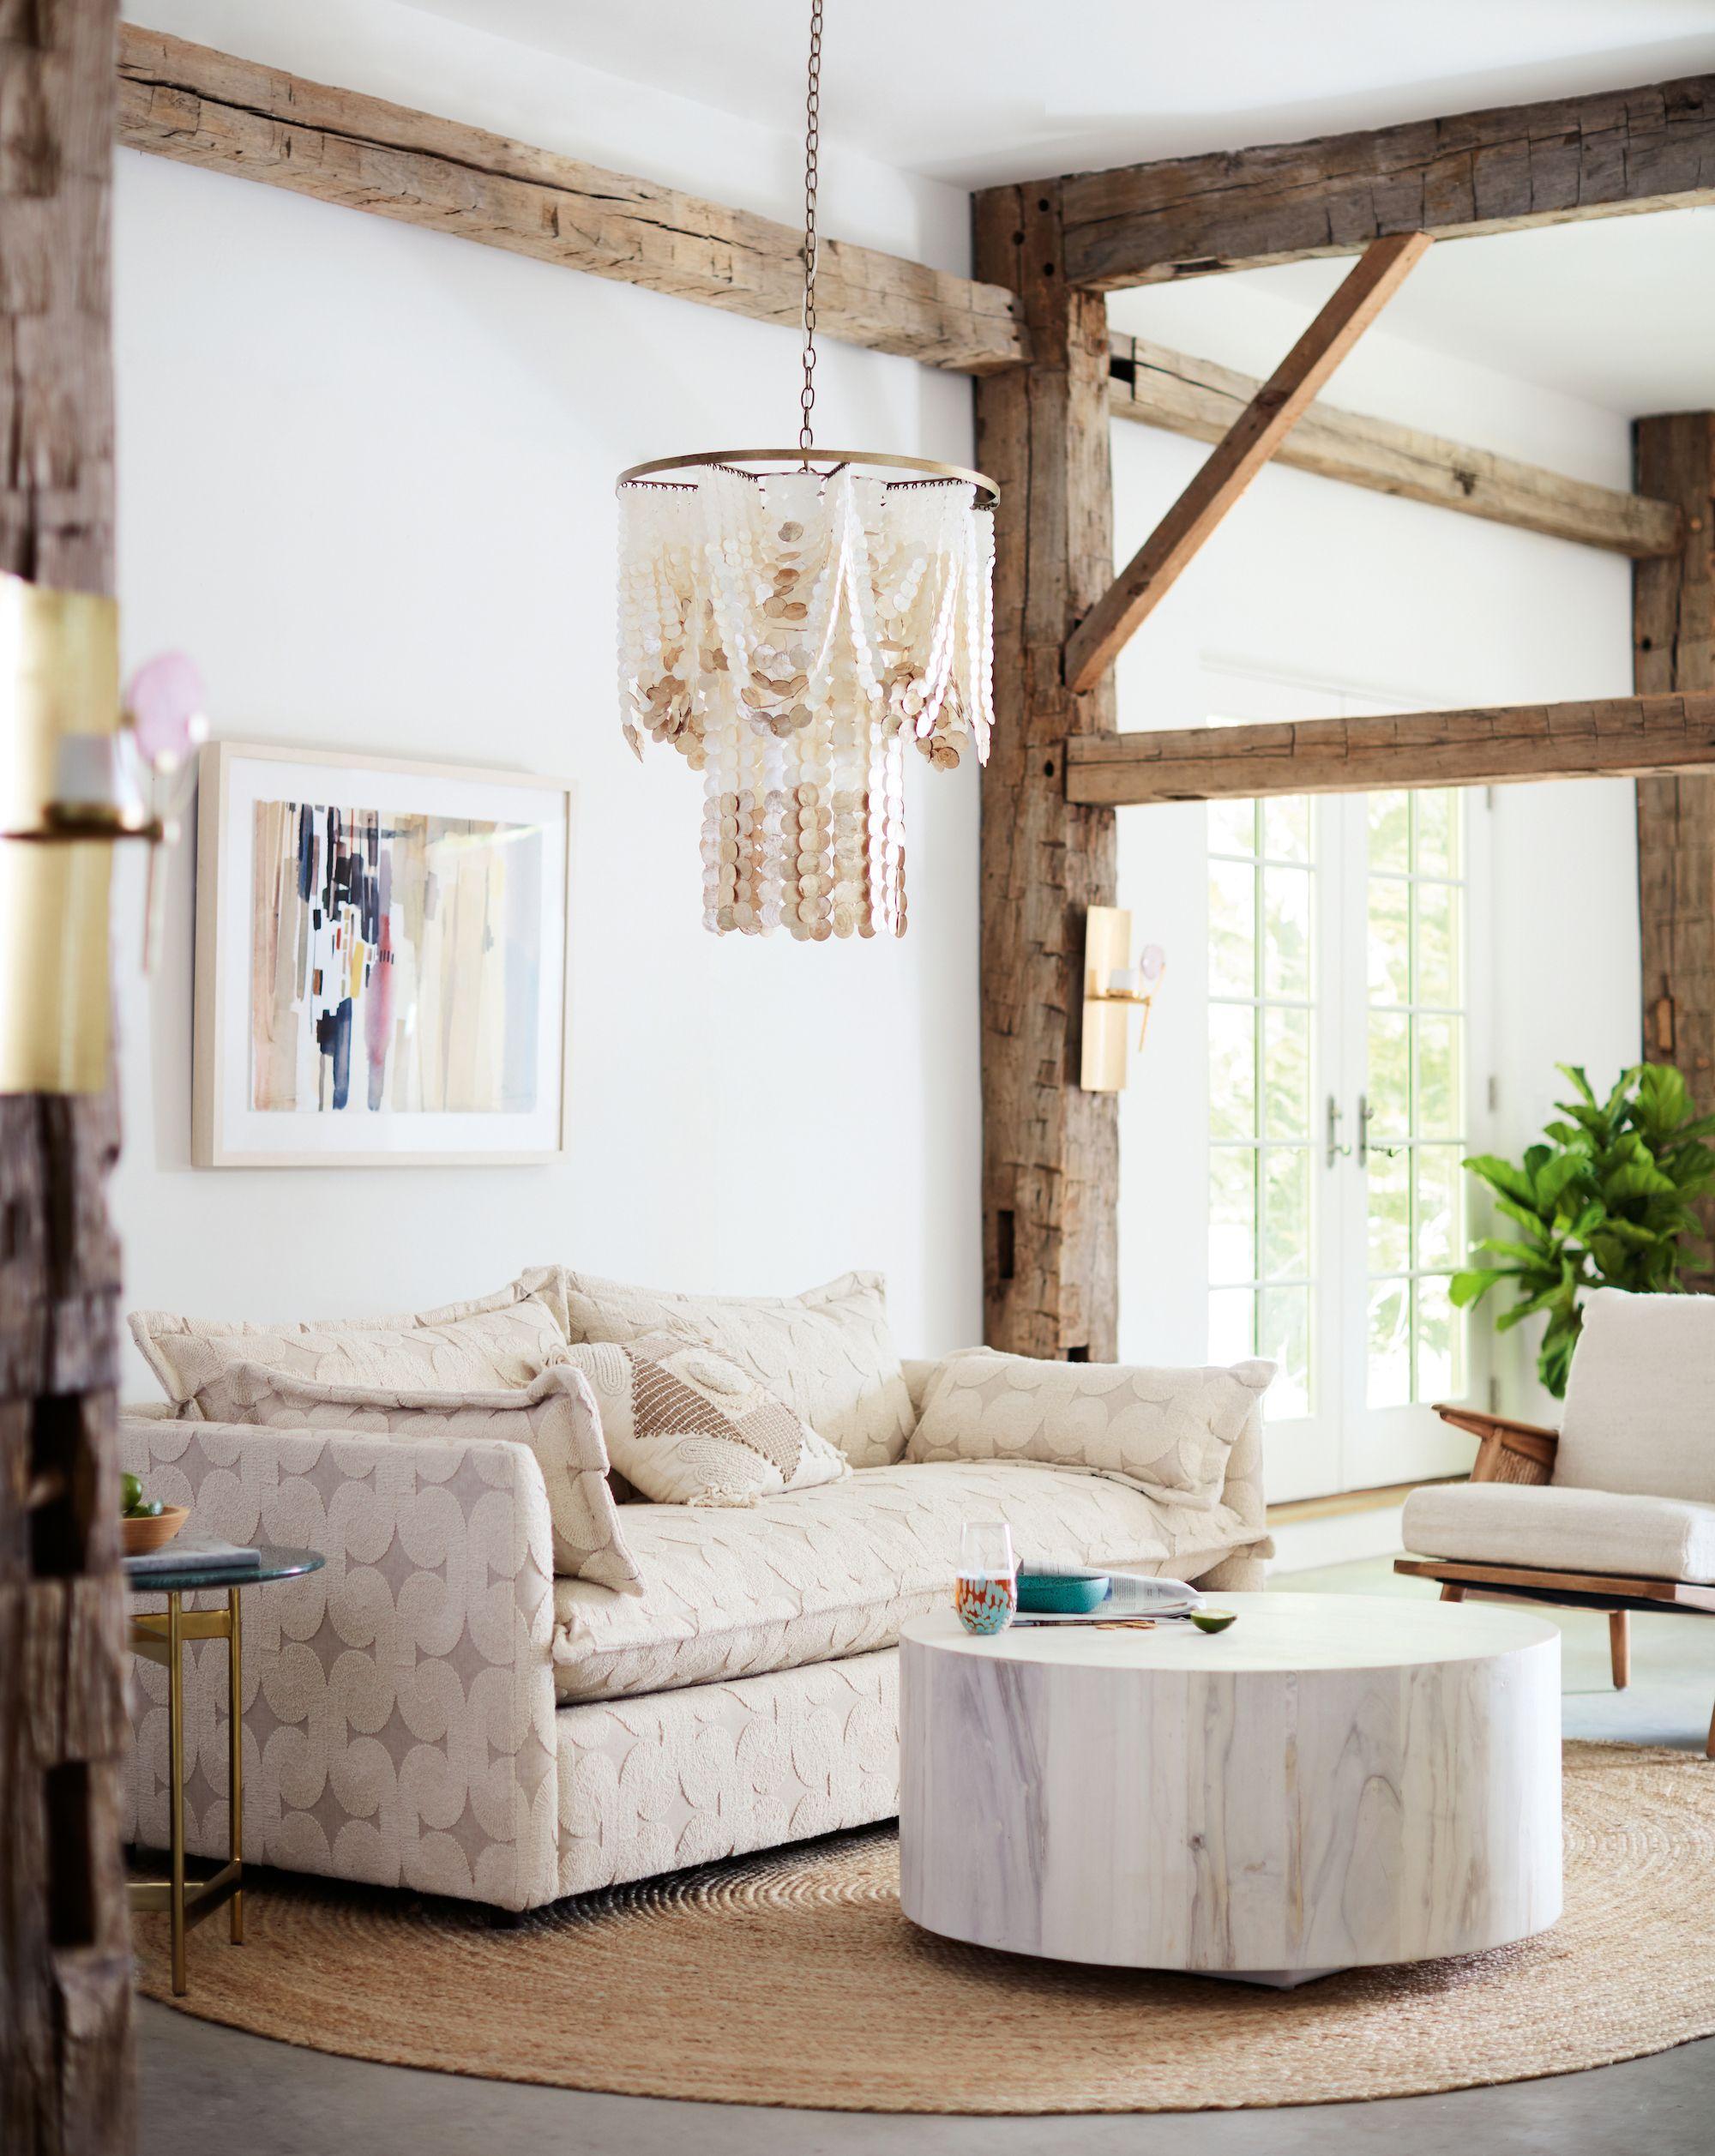 Mumbai Denver Sofa Home Decor Accessories Decor Living Room